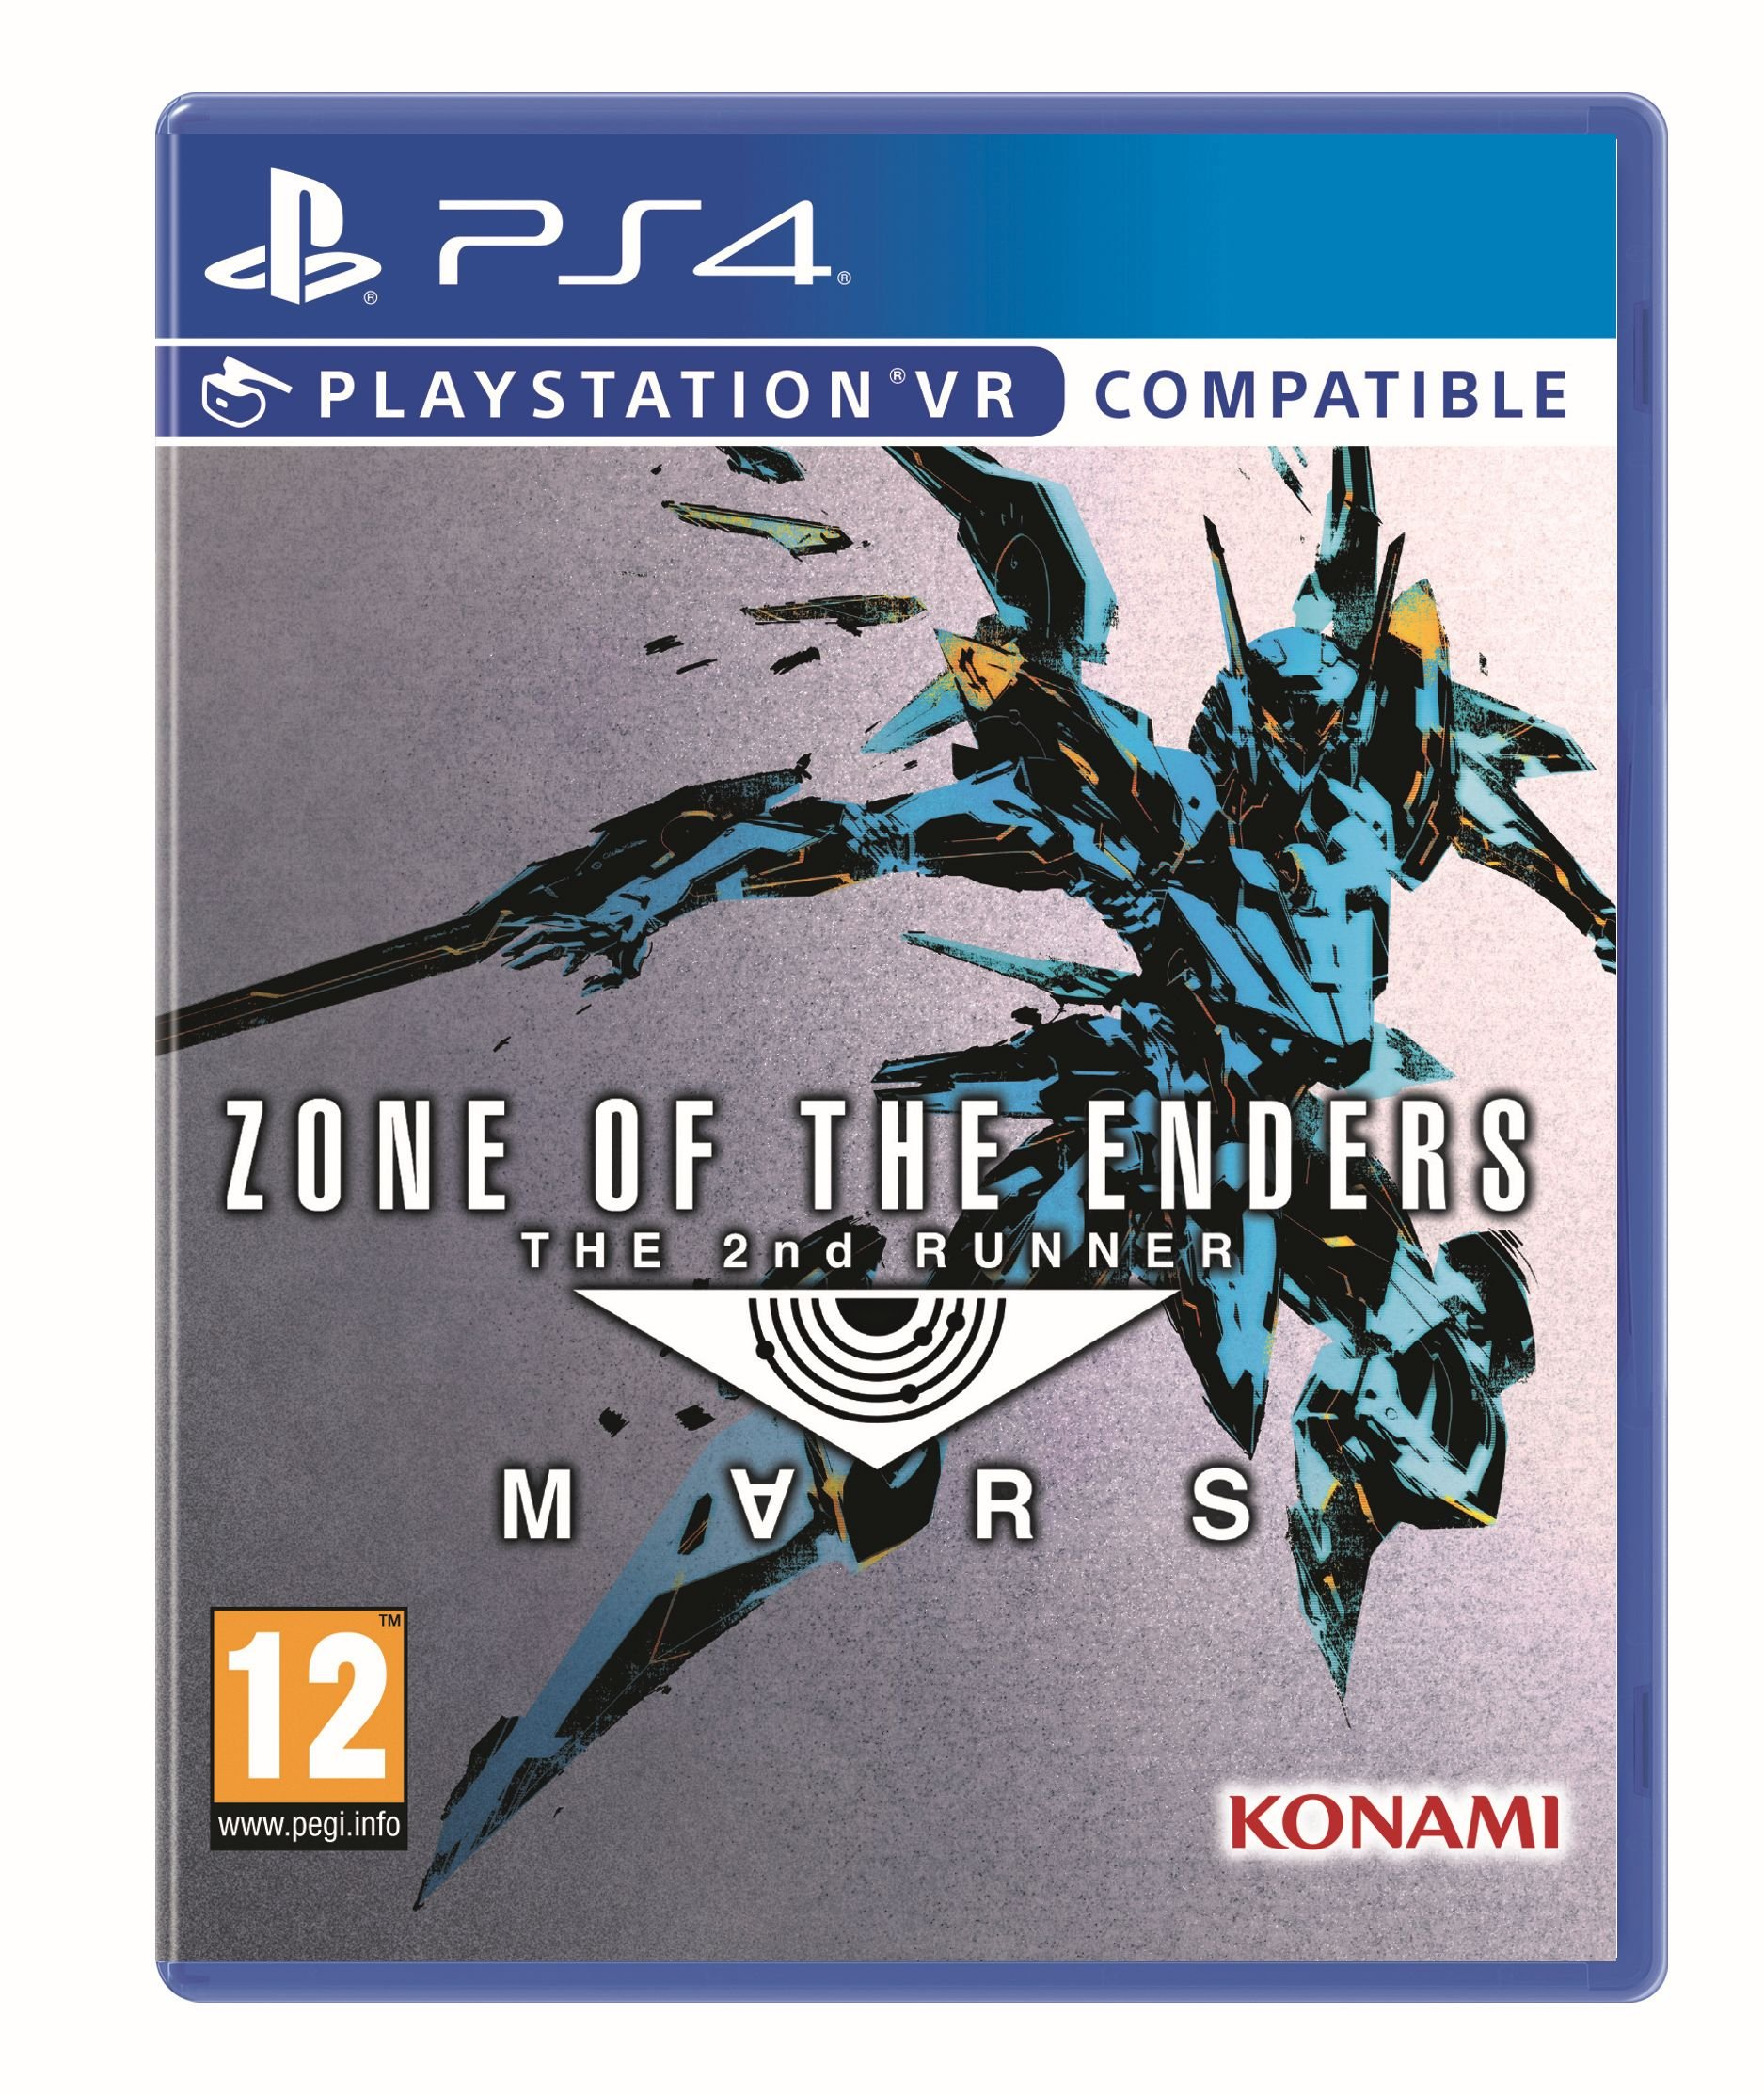 Konami-Zone-of-the-Enders-The-2nd-Runner-MARS